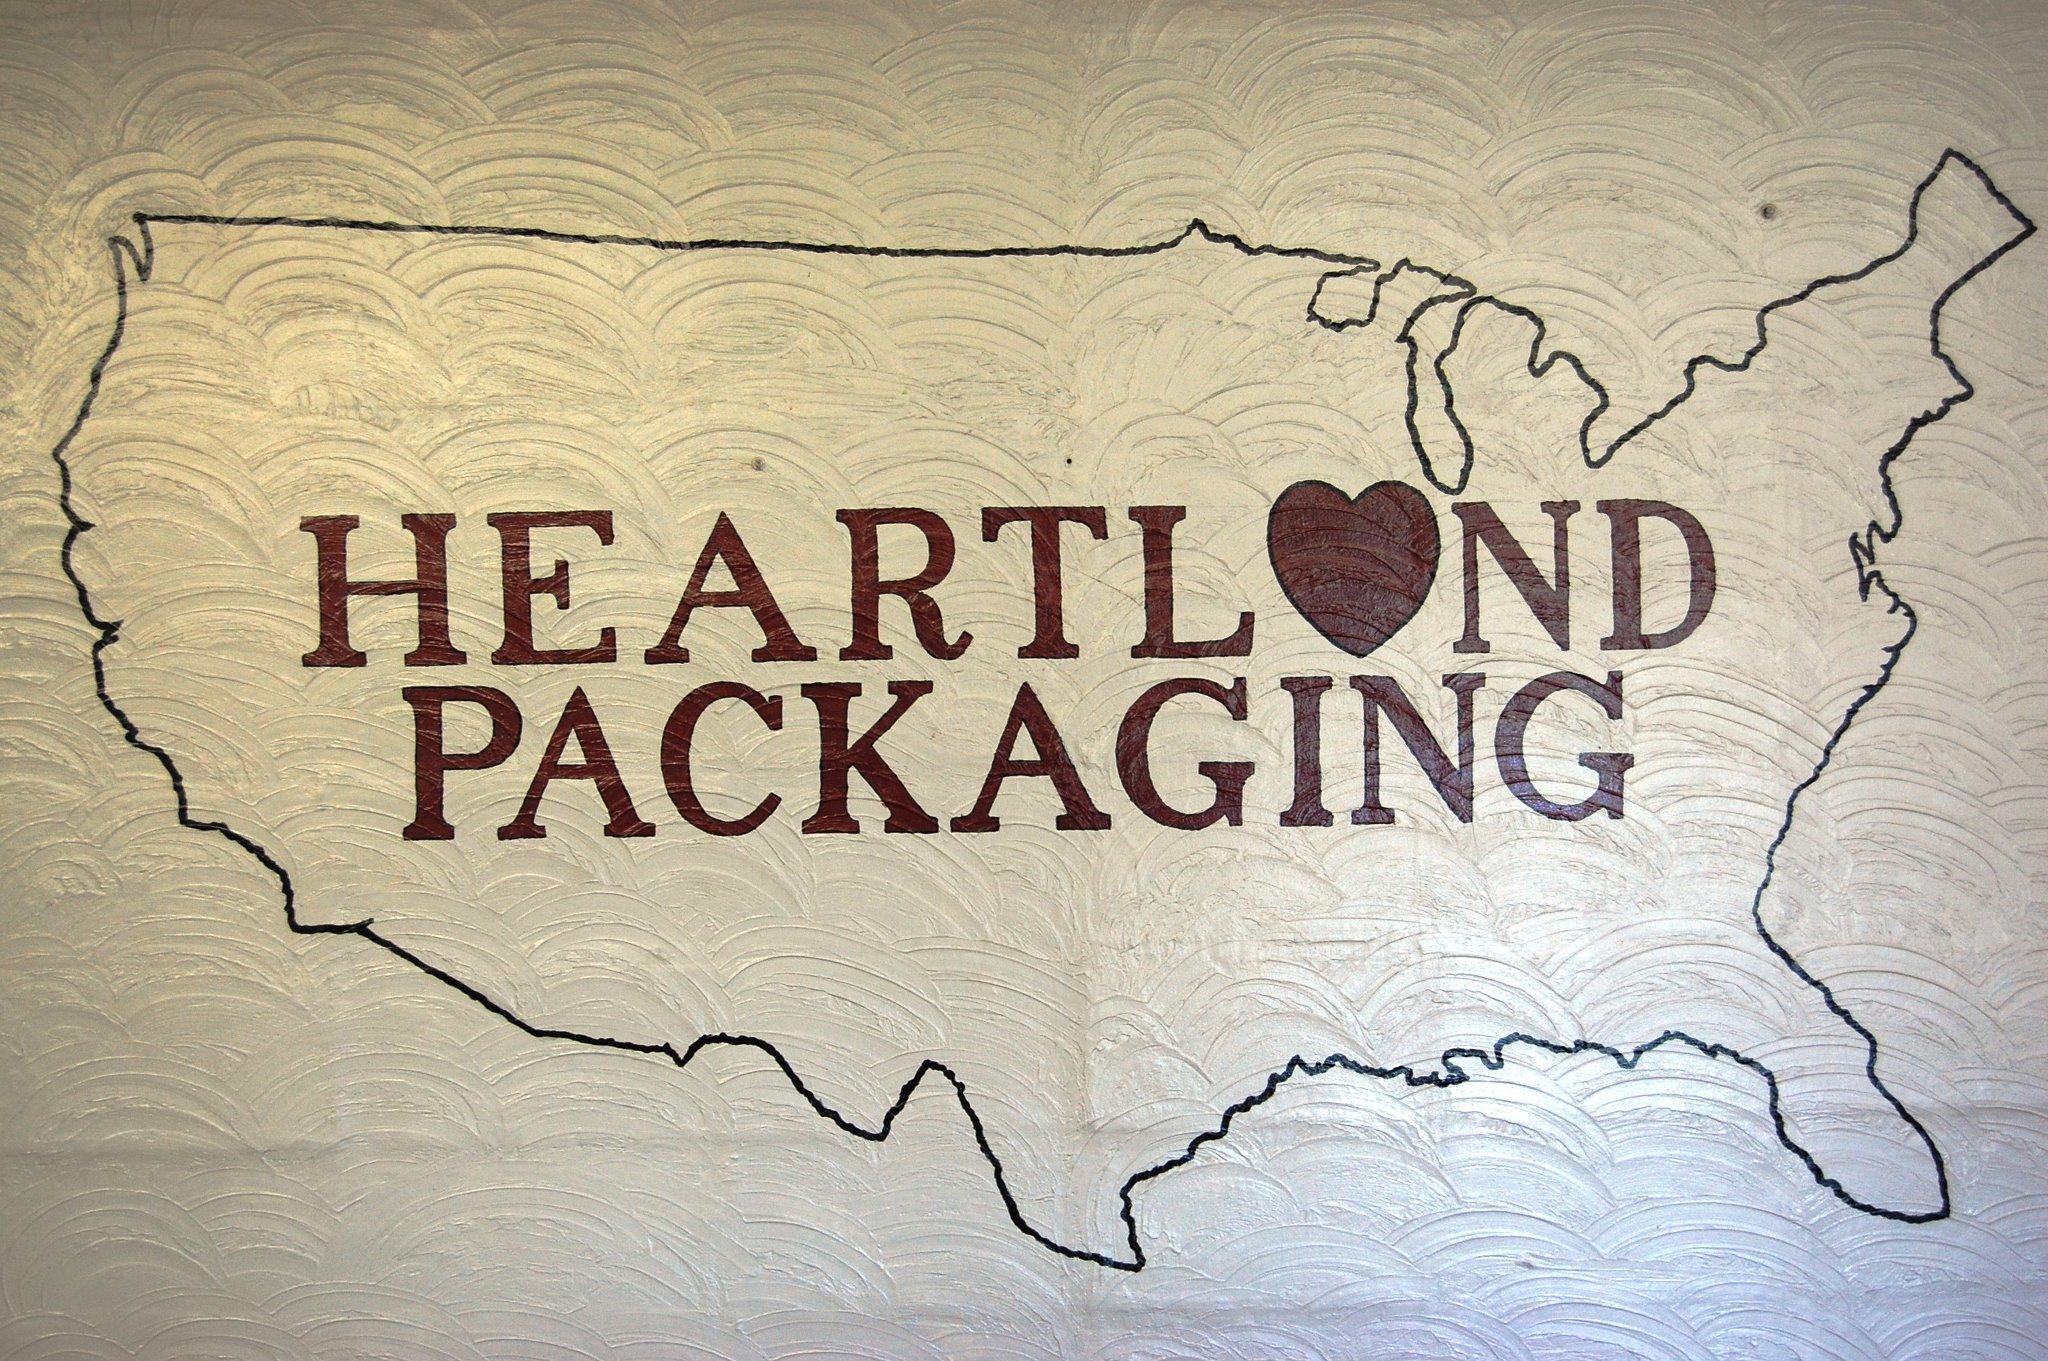 Heartland Packaging Mural